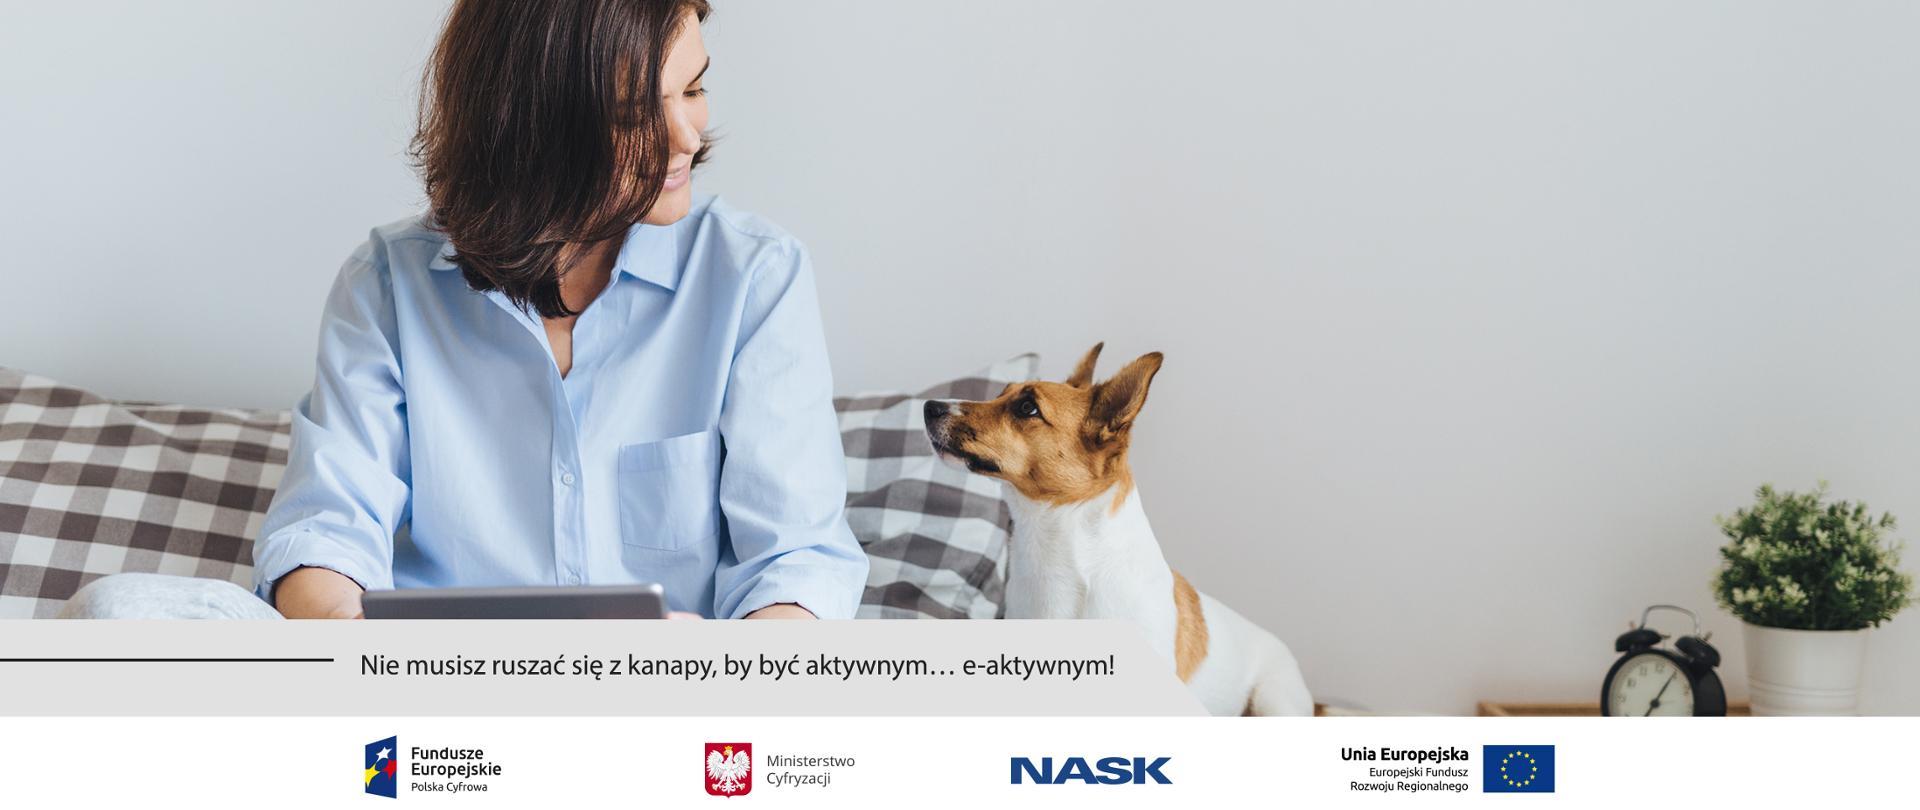 Kobieta siedząca po turecku na łóżku z tabletem w rękach. Patrzy na siedzącego obok, wpatrzonego w nią psa rasy Jack Russel terrier.